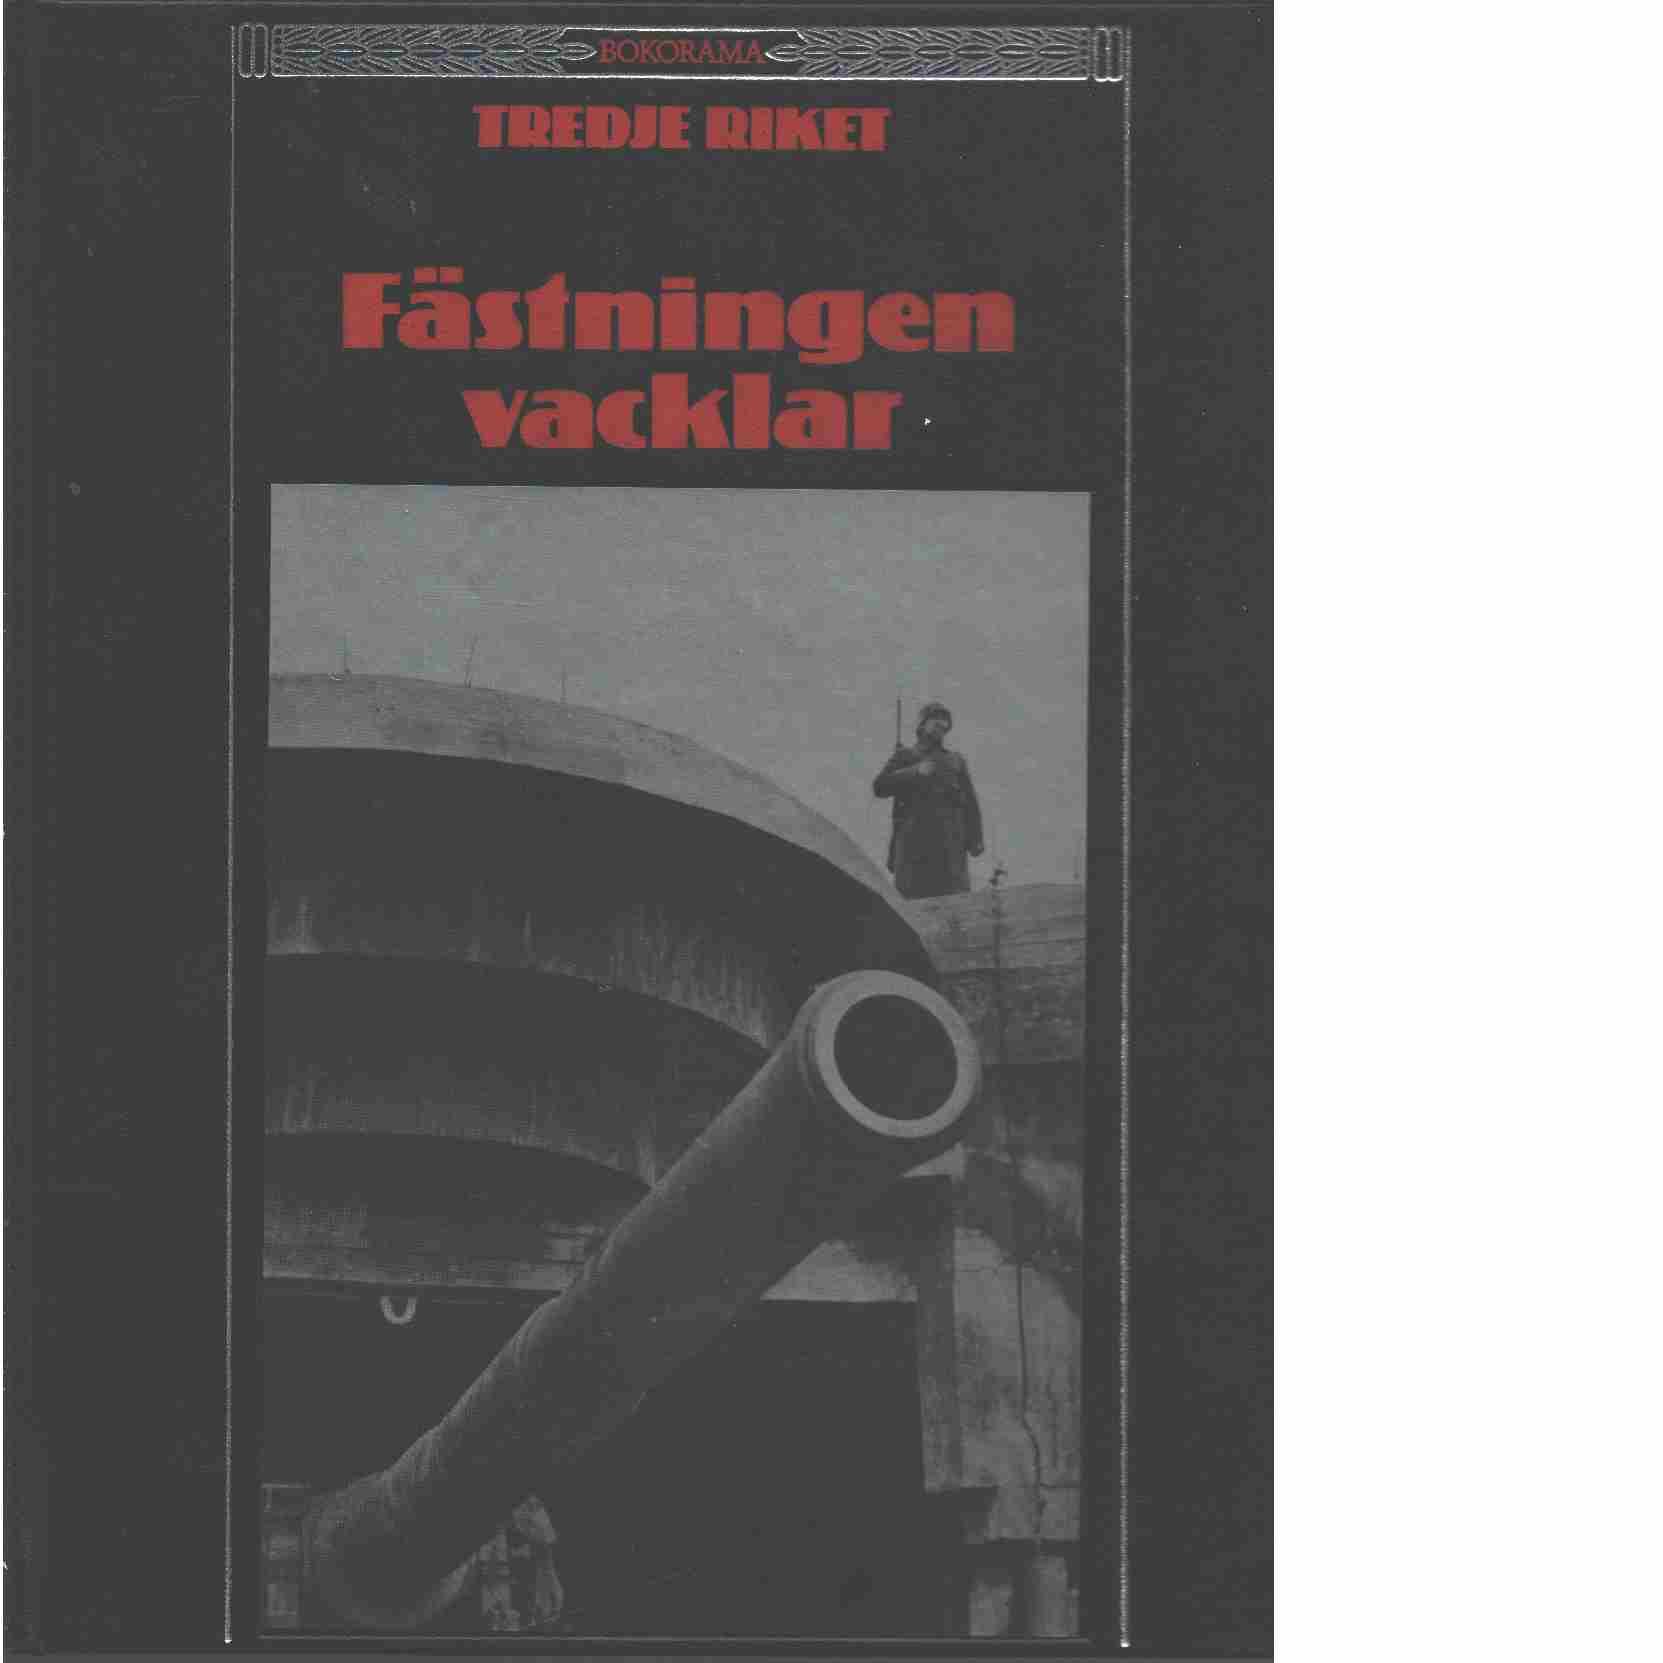 Fästningen vacklar - Red. Time-Life Books